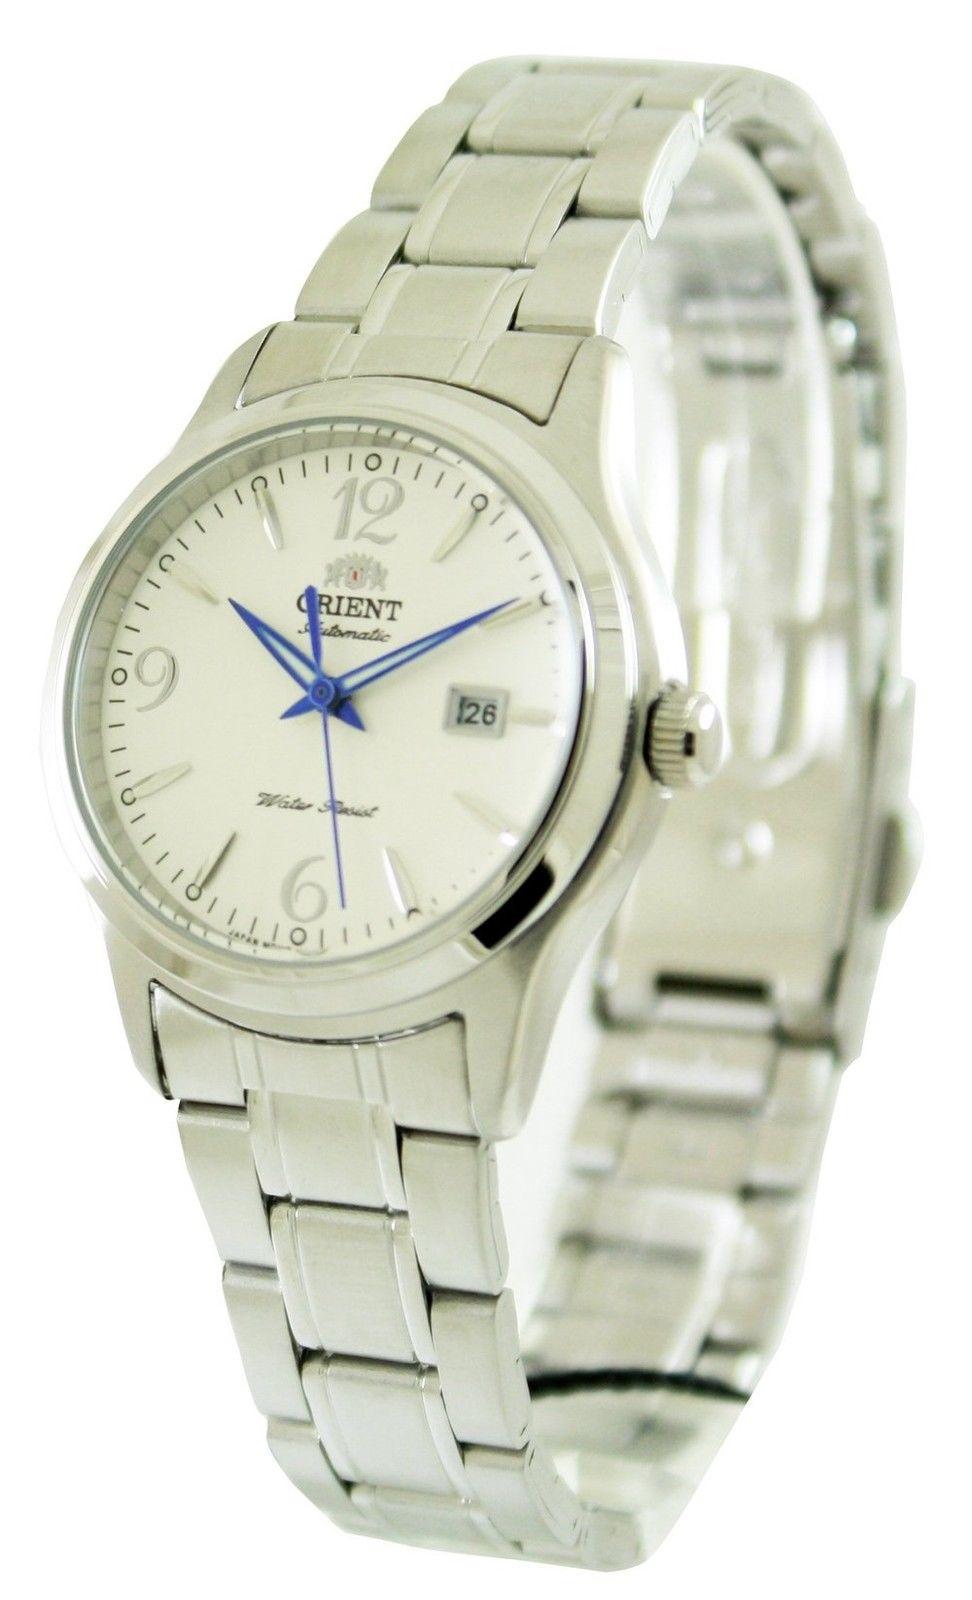 นาฬิกาผู้หญิง Orient รุ่น NR1Q005W, Automatic